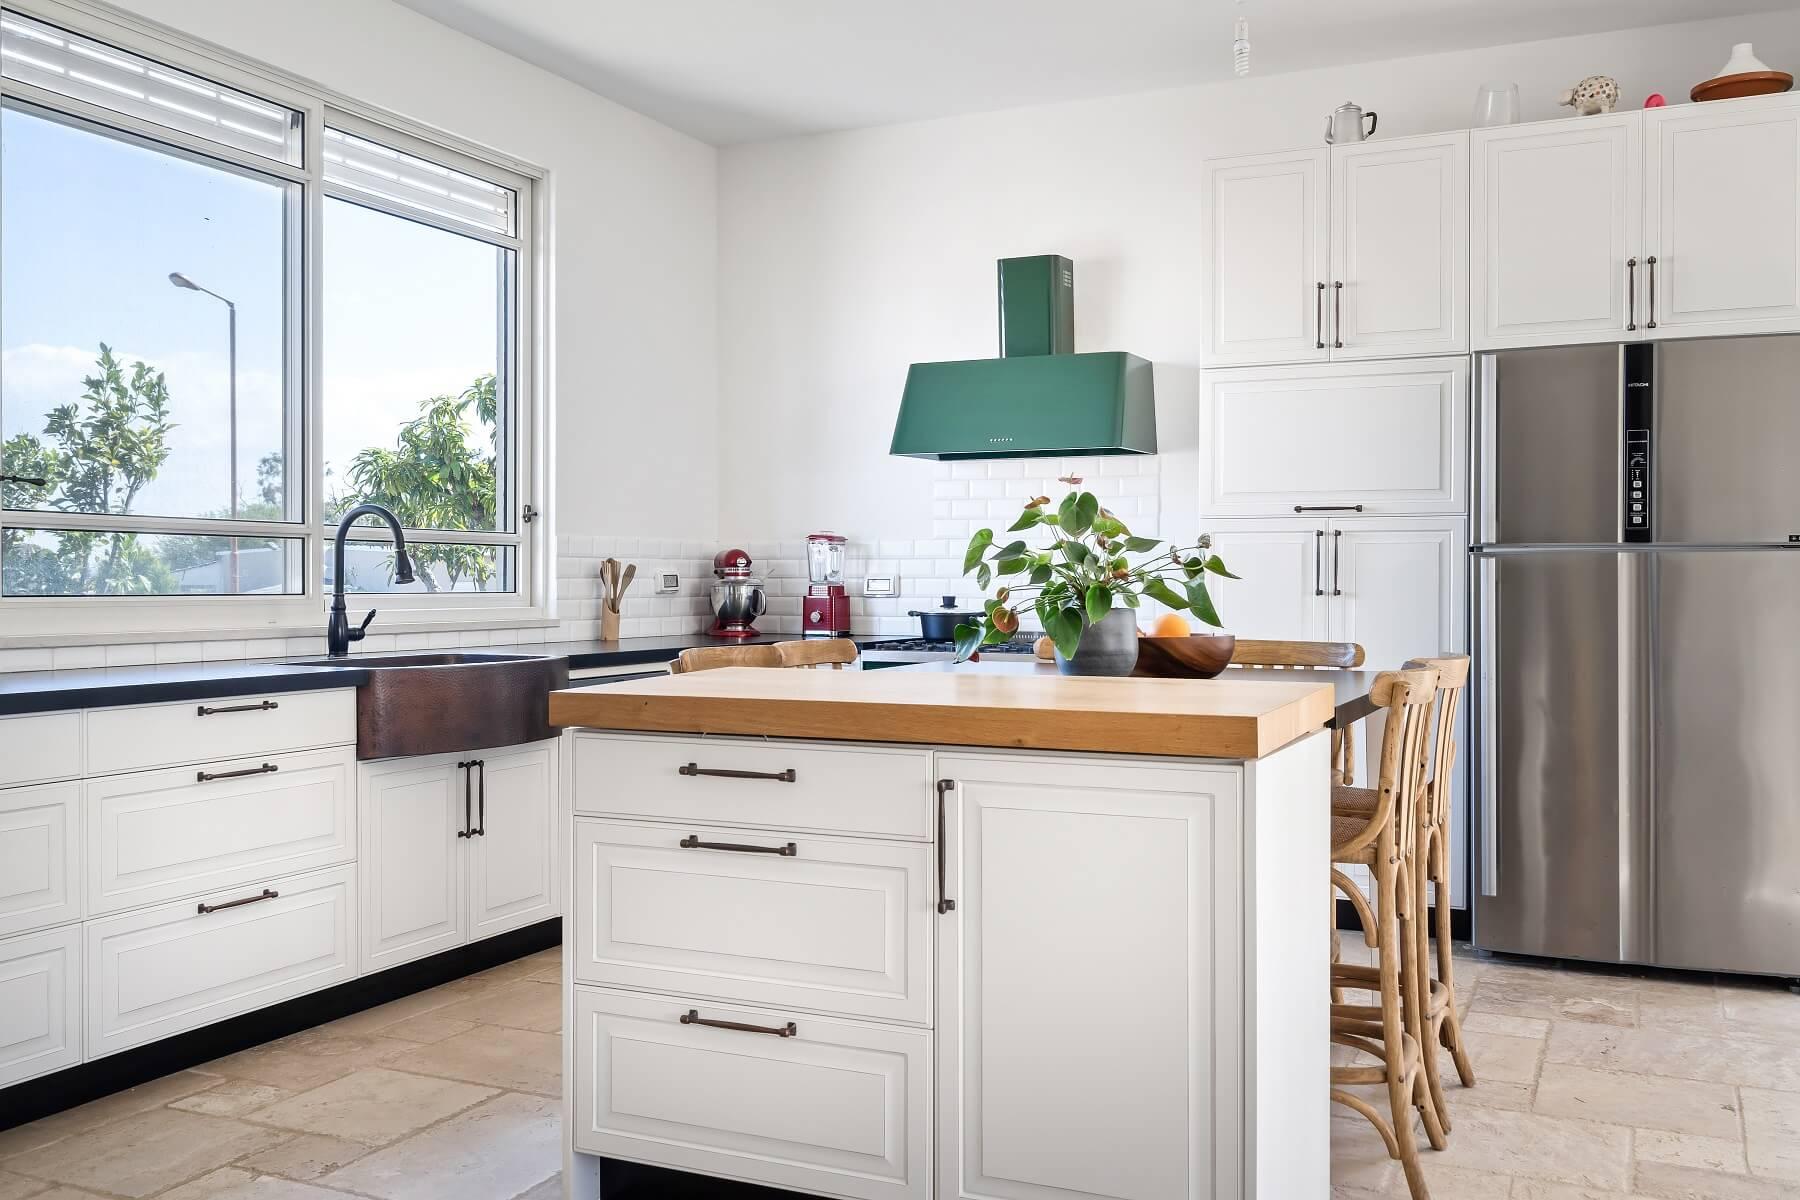 מטבח כפרי - עיצוב אישי - מטבחי הדקל